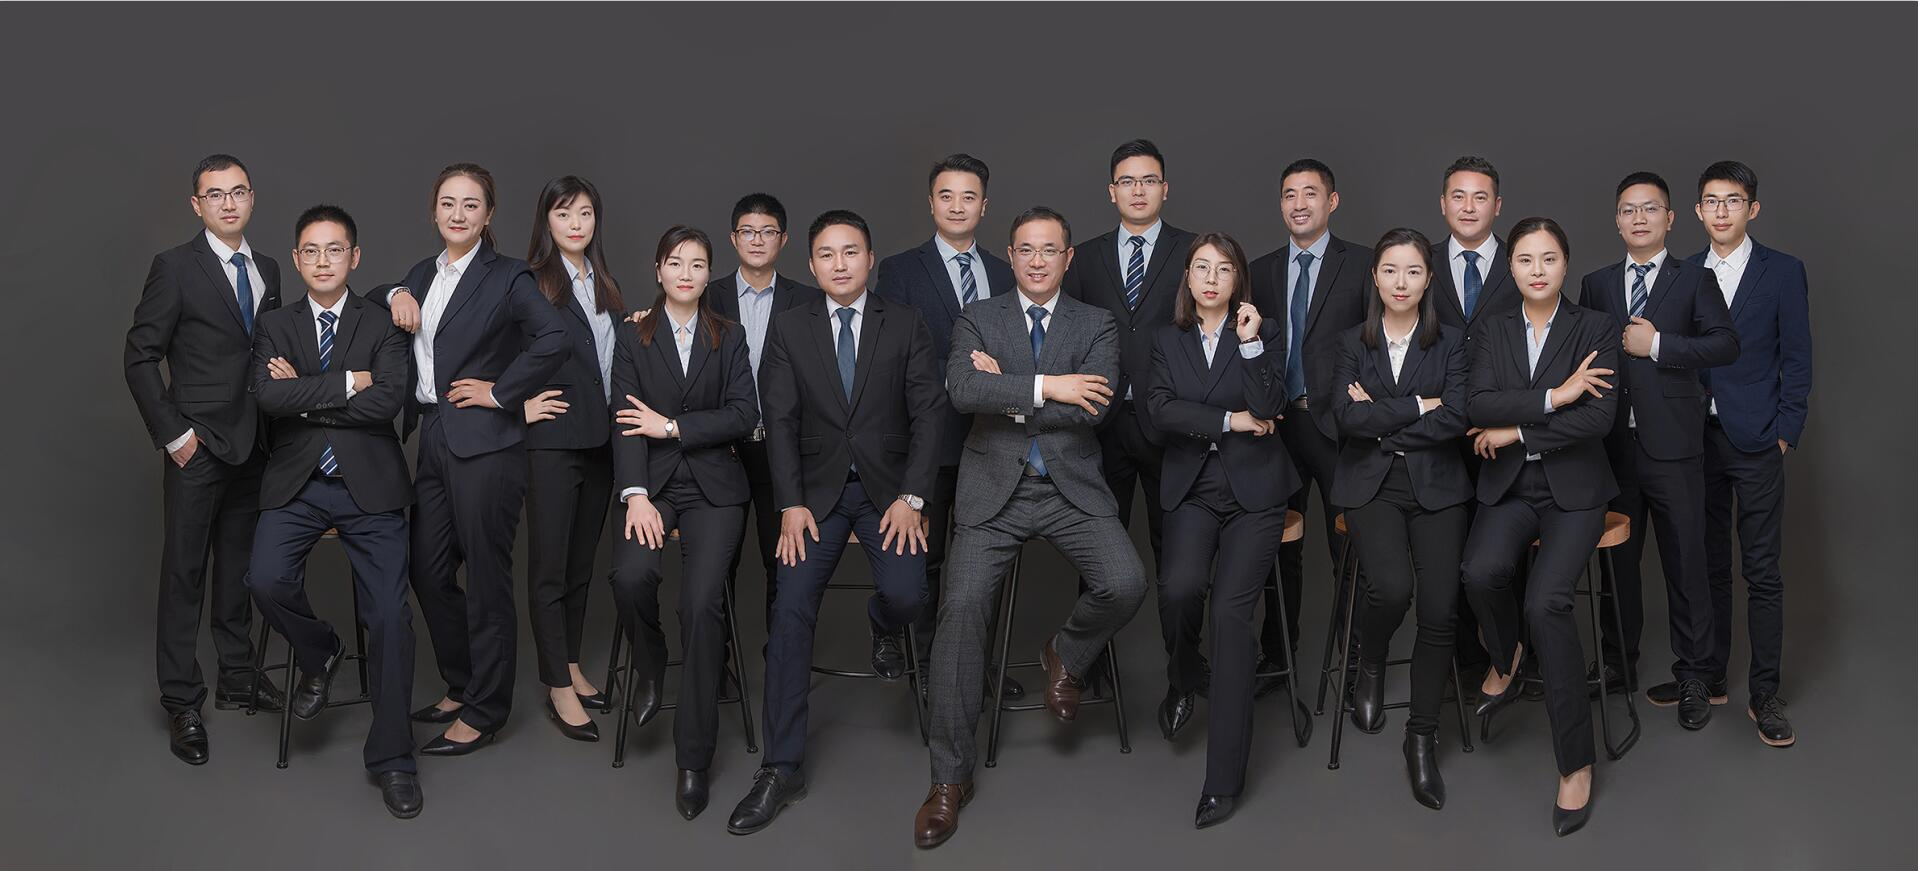 2021年喜迎新春佳节,艾华美陈股份公司用爱心和责任引领企业高质量发展。(图9)